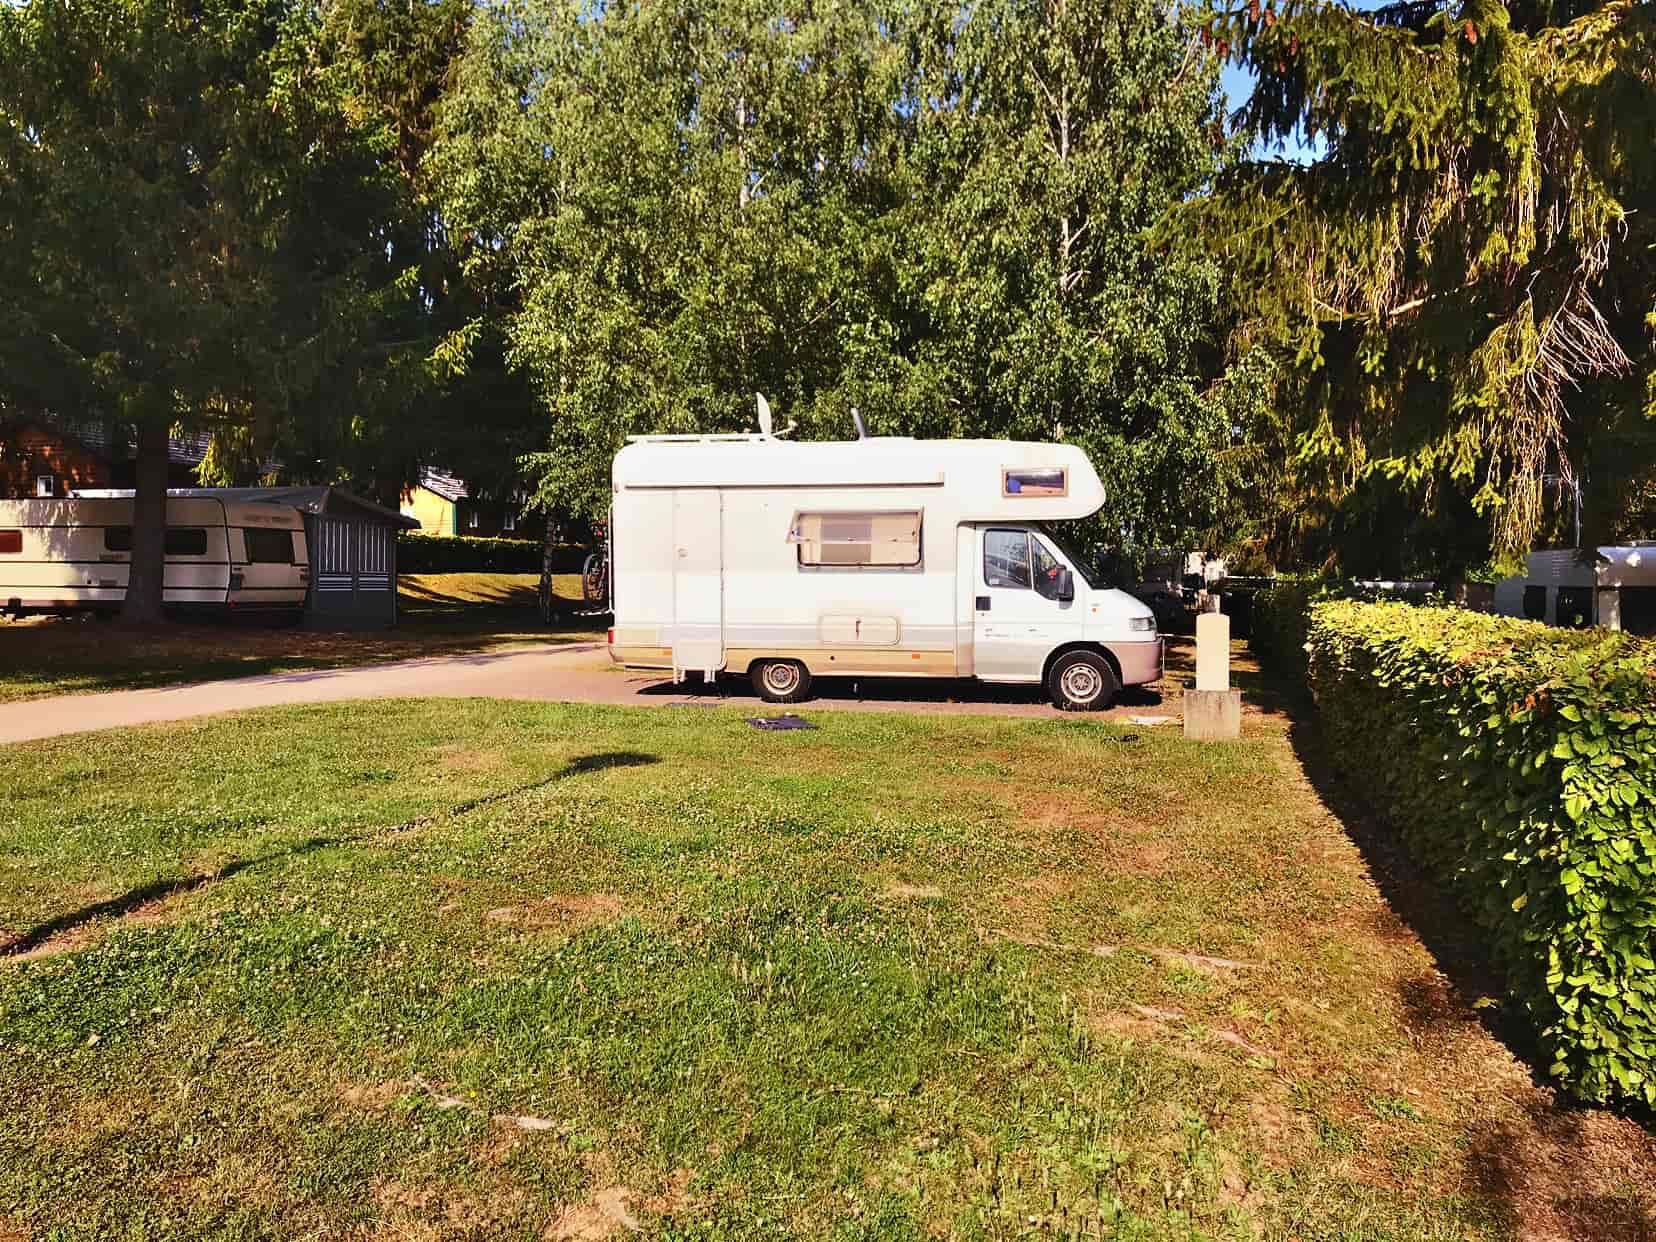 Campingplatz Wasselone, Wohnmobil Nordfrankreich Tour